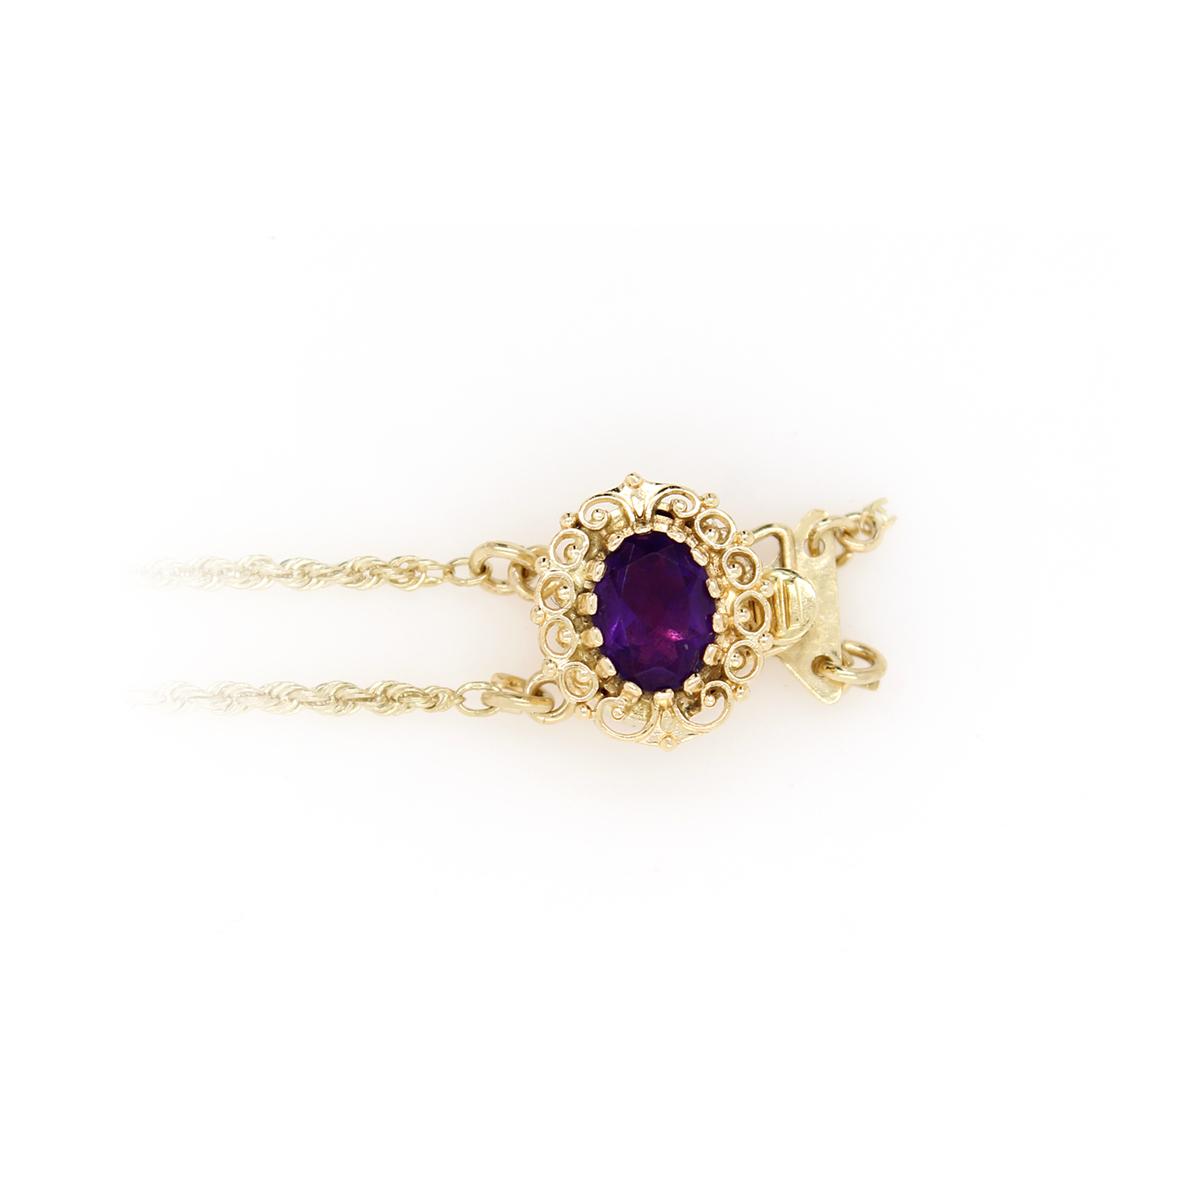 Vintage 14 Karat Yellow Gold Richard Glatter Stater Rope Bracelet with Amethyst Slide